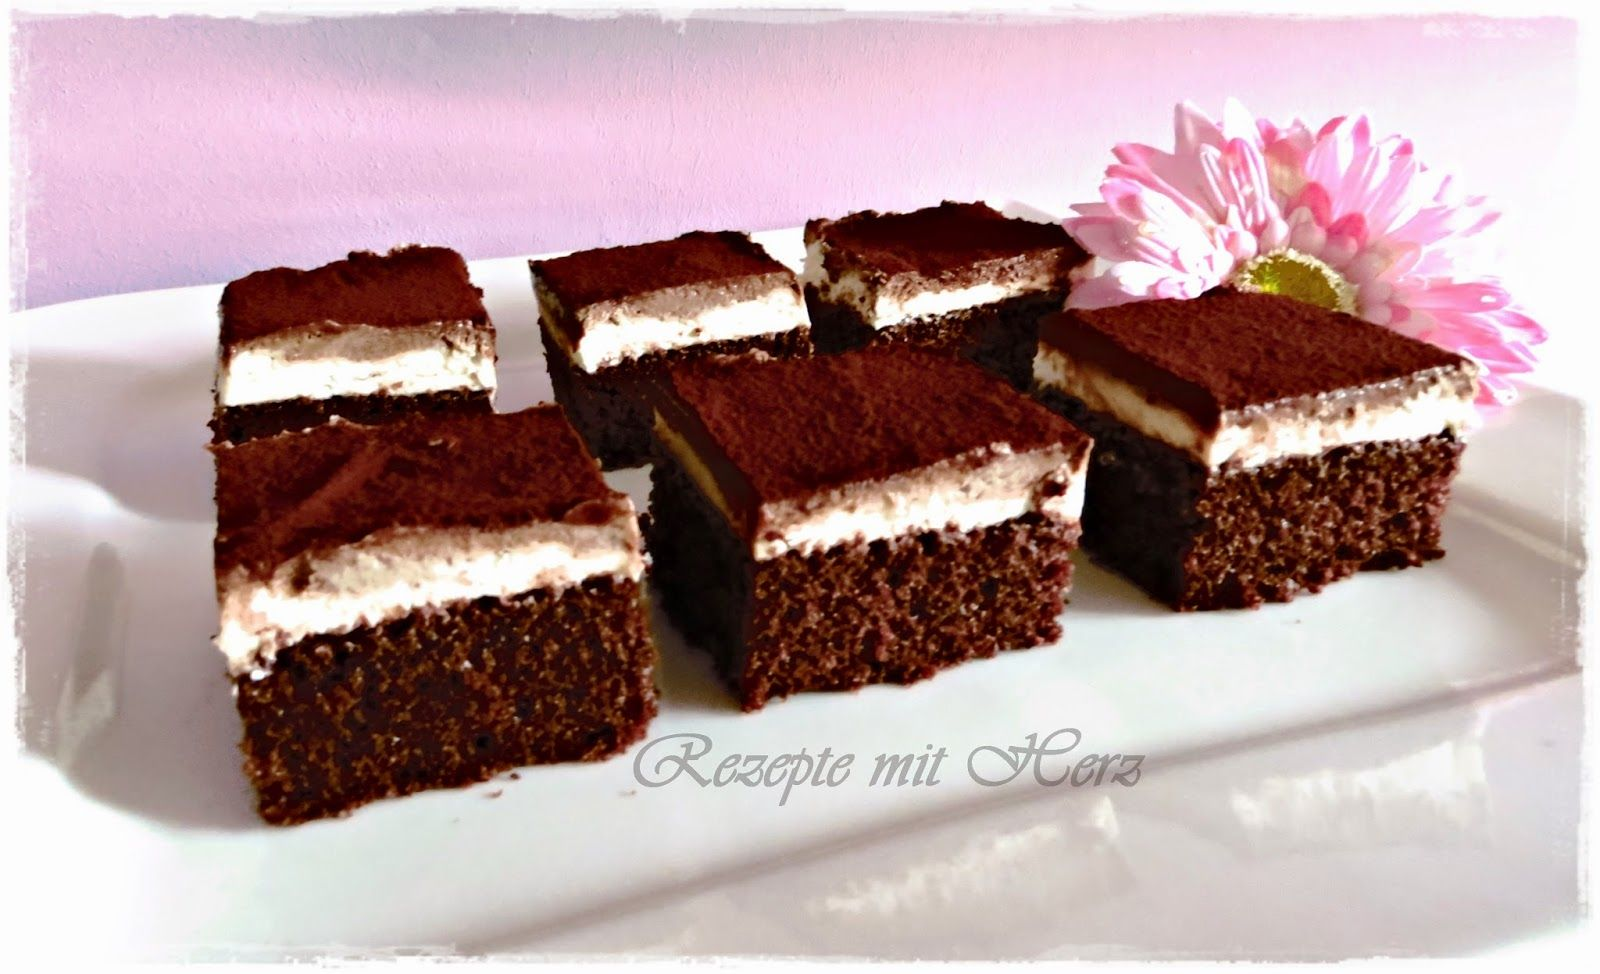 Rezepte Mit Herz Vorschau Nutella Schnitten Thermomix